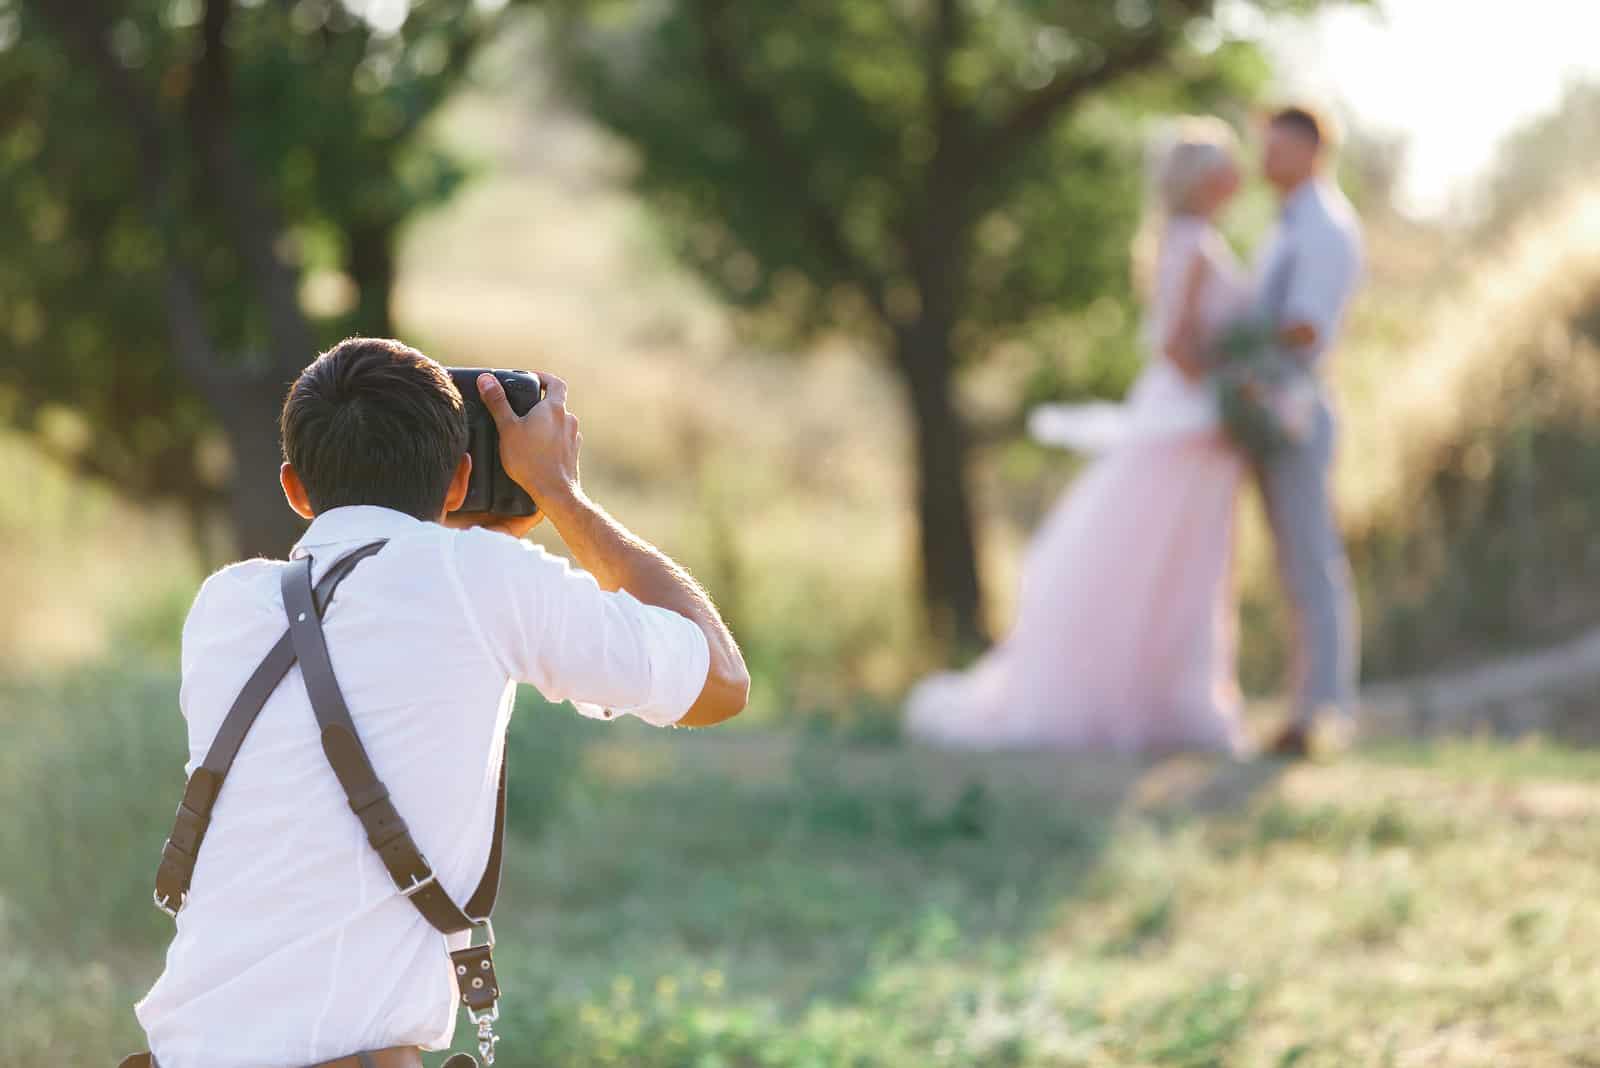 Hochzeitsfotograf fotografiert Braut und Bräutigam in der Natur